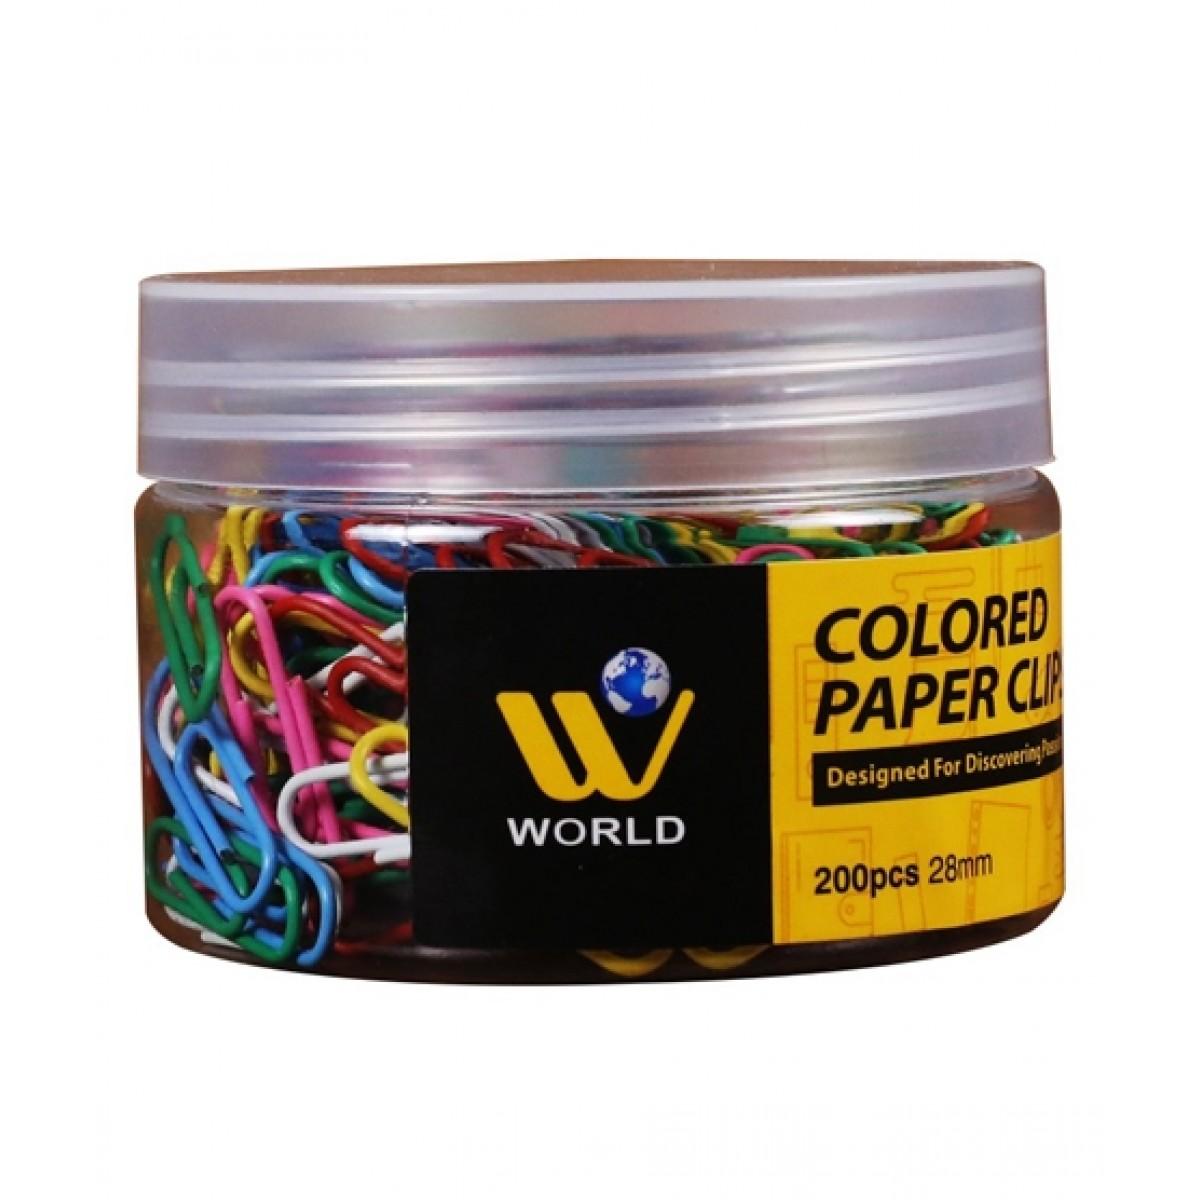 WBM World Colored Paper Clip - 200 Pcs